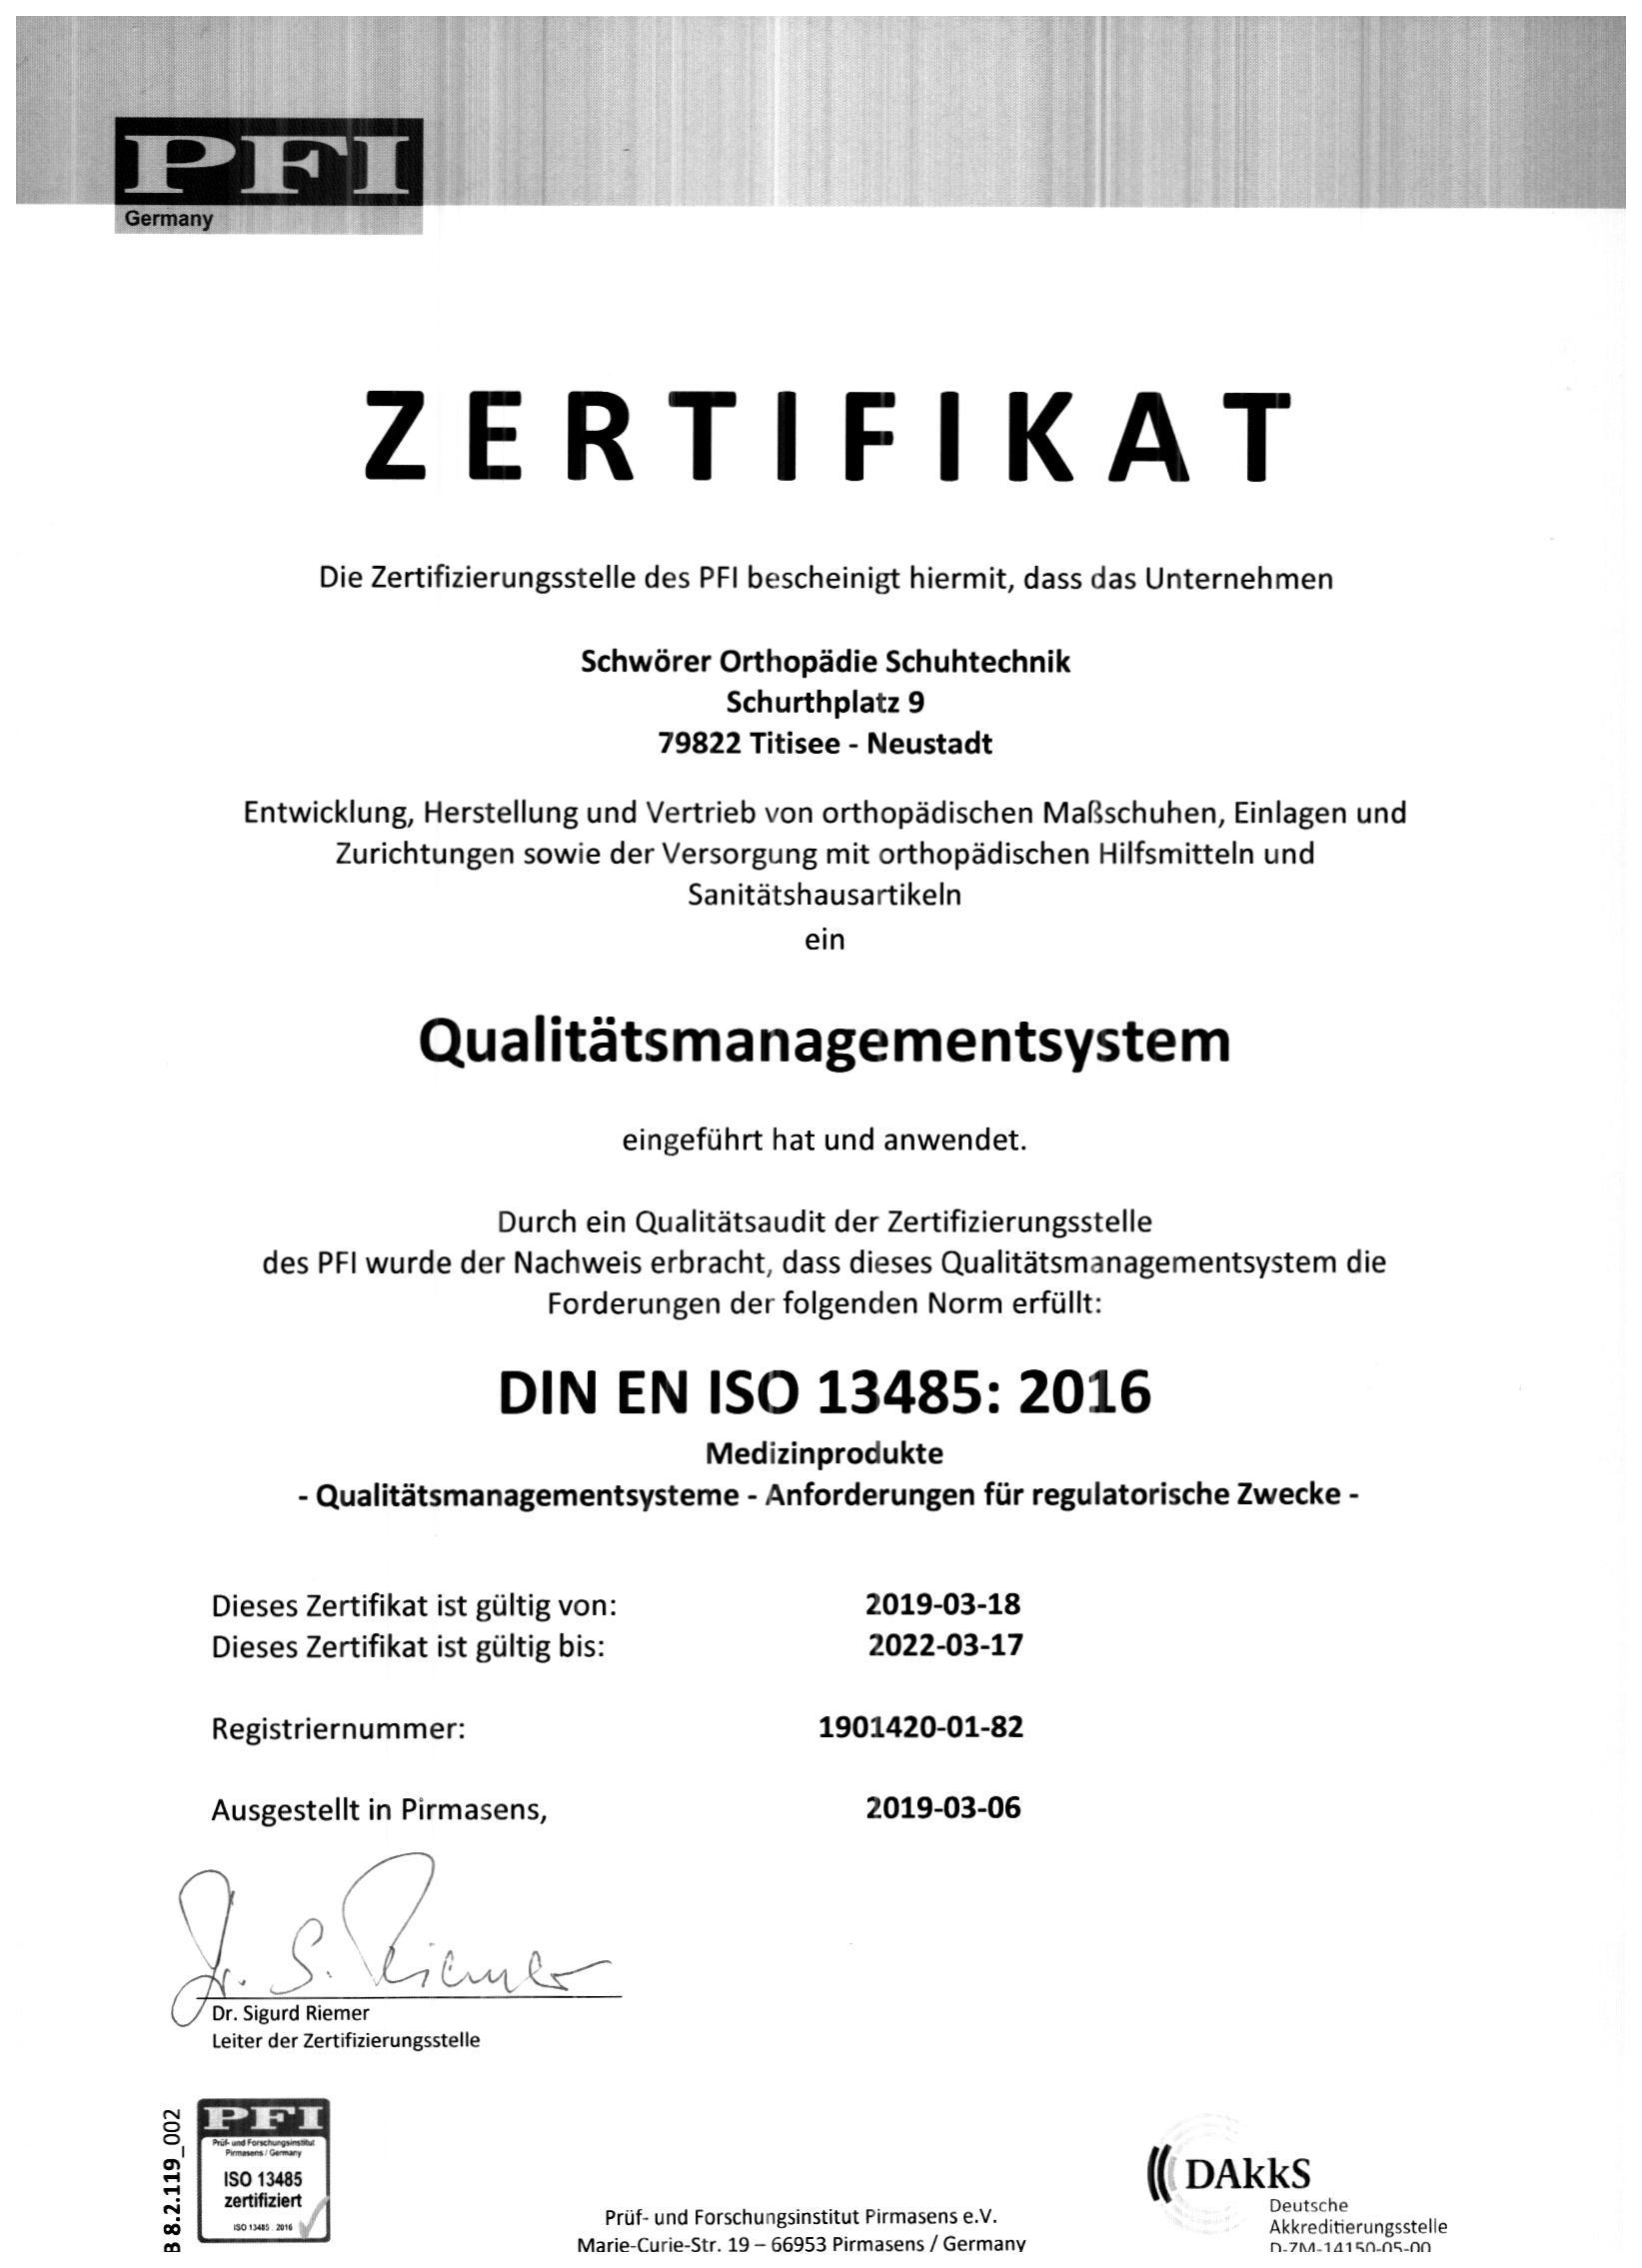 Zertifizierung Orthopädie Schuhtechnik Qualitätsmanagement